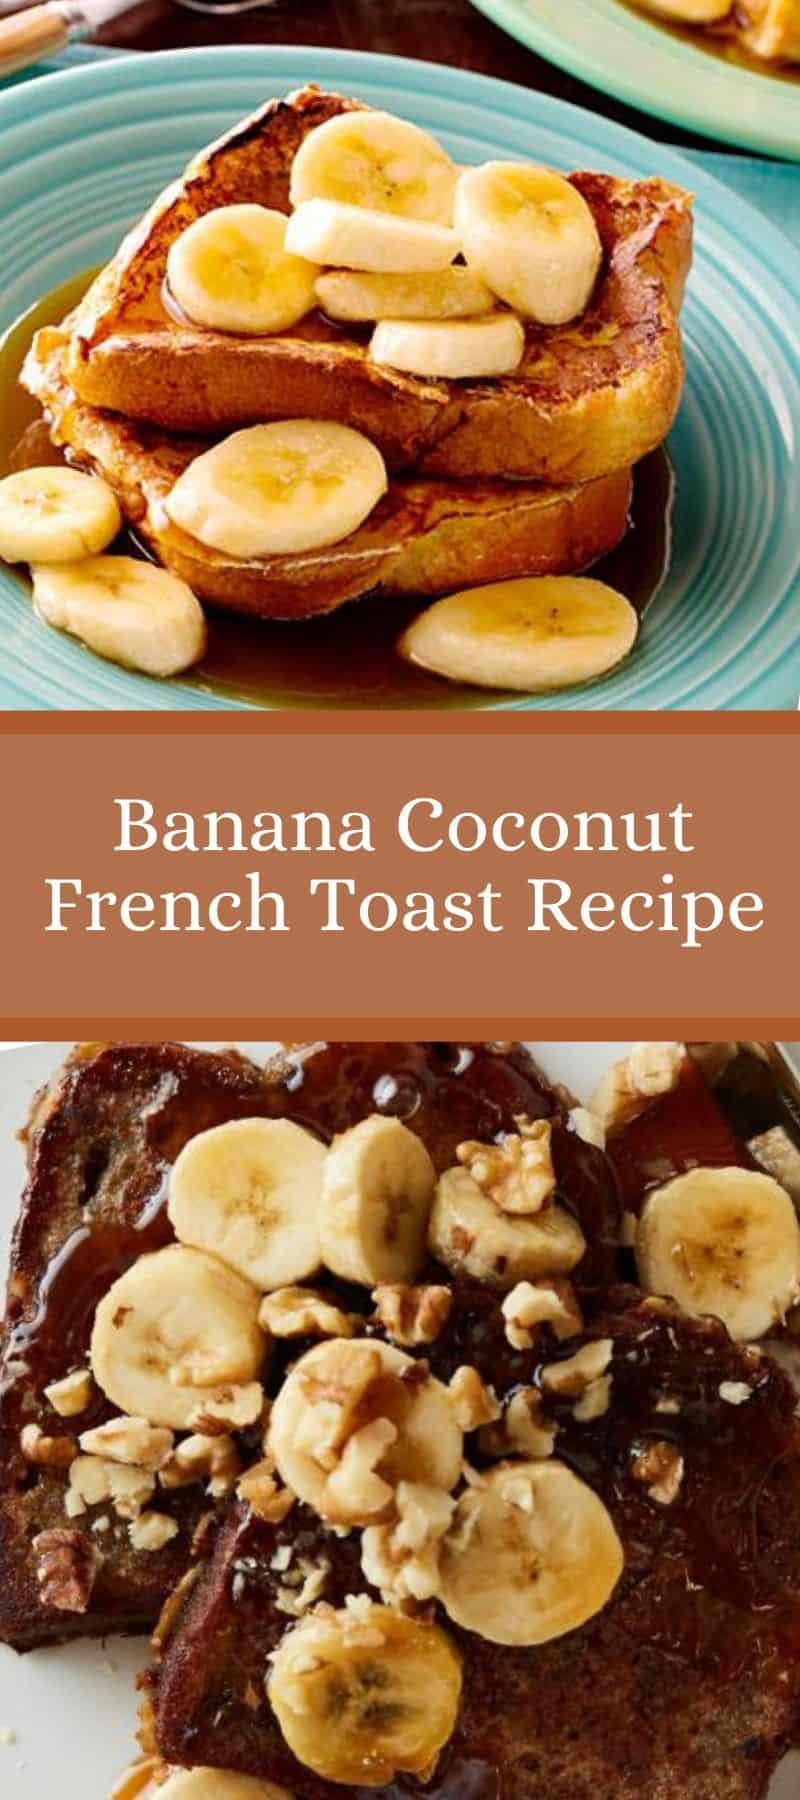 Banana Coconut French Toast Recipe